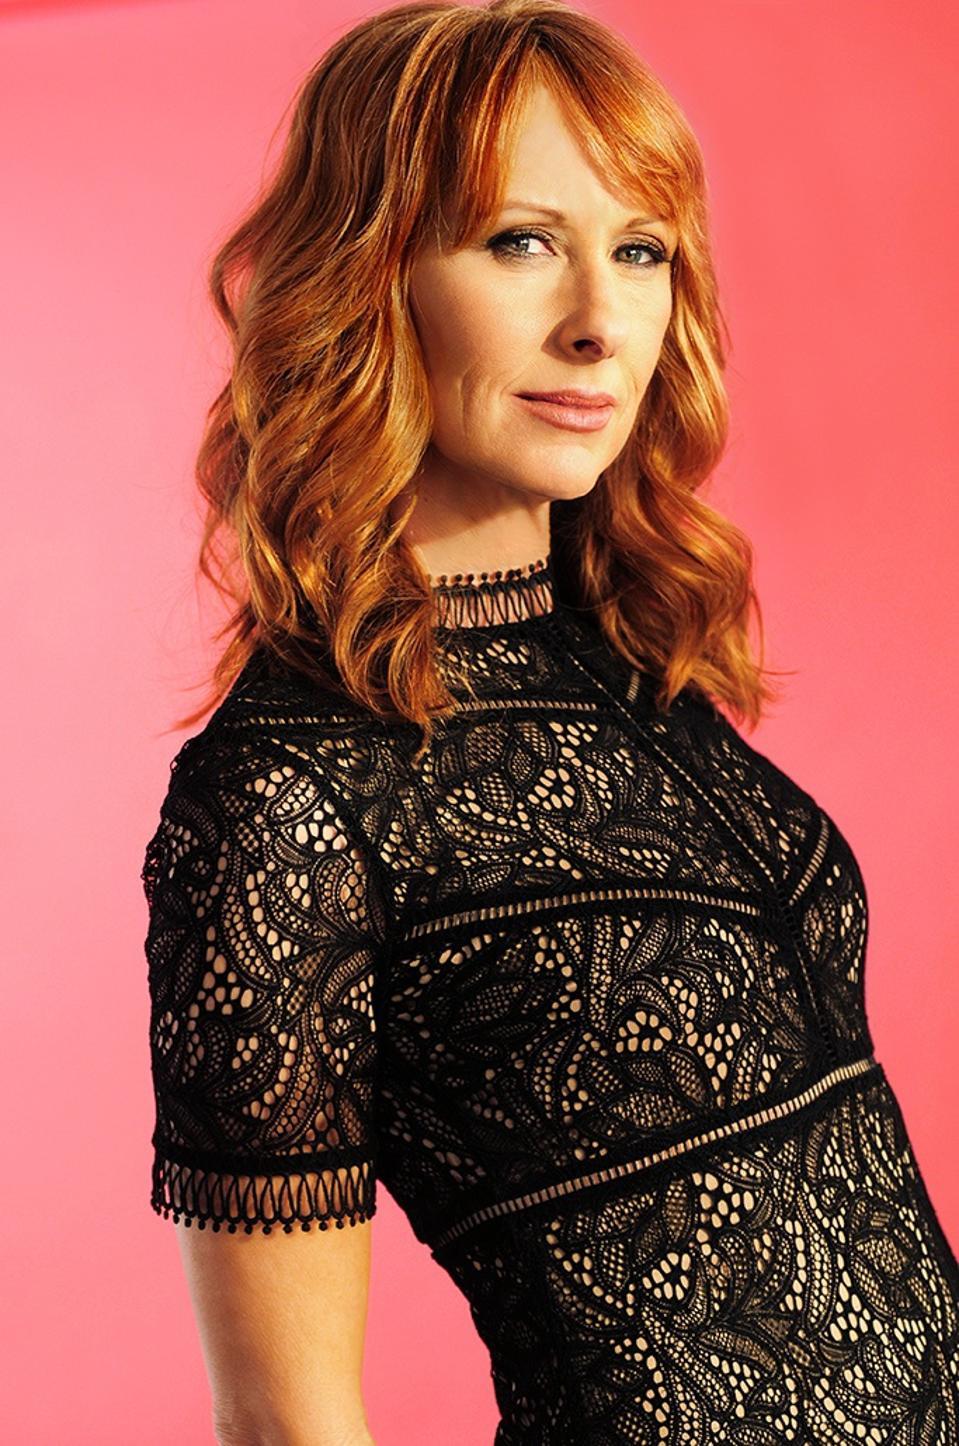 Actress Wendy Braun created ActorInspiration.com